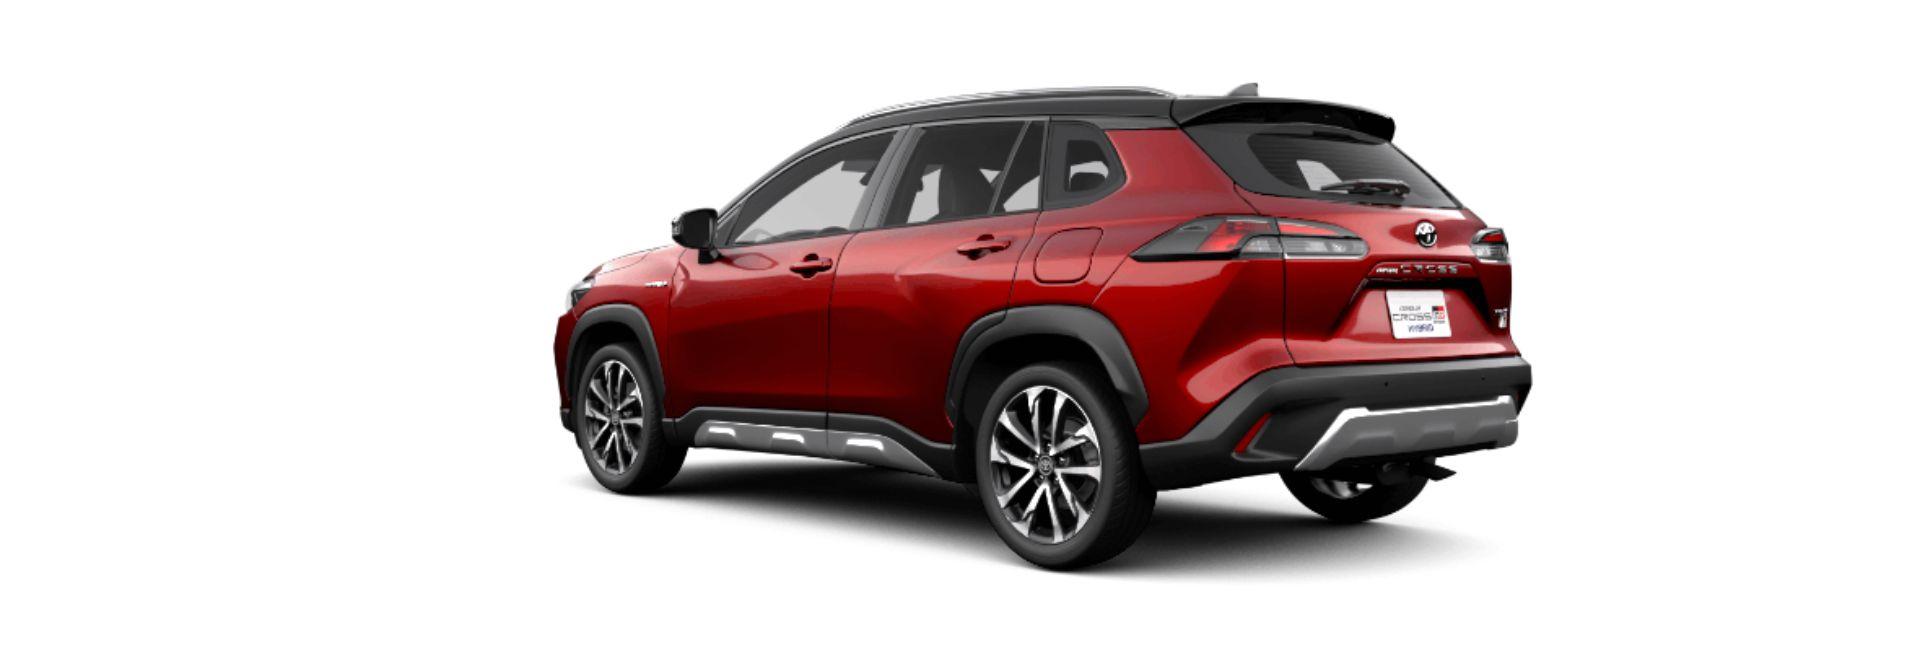 Toyota-Corolla-Cross-GR-Sport-7